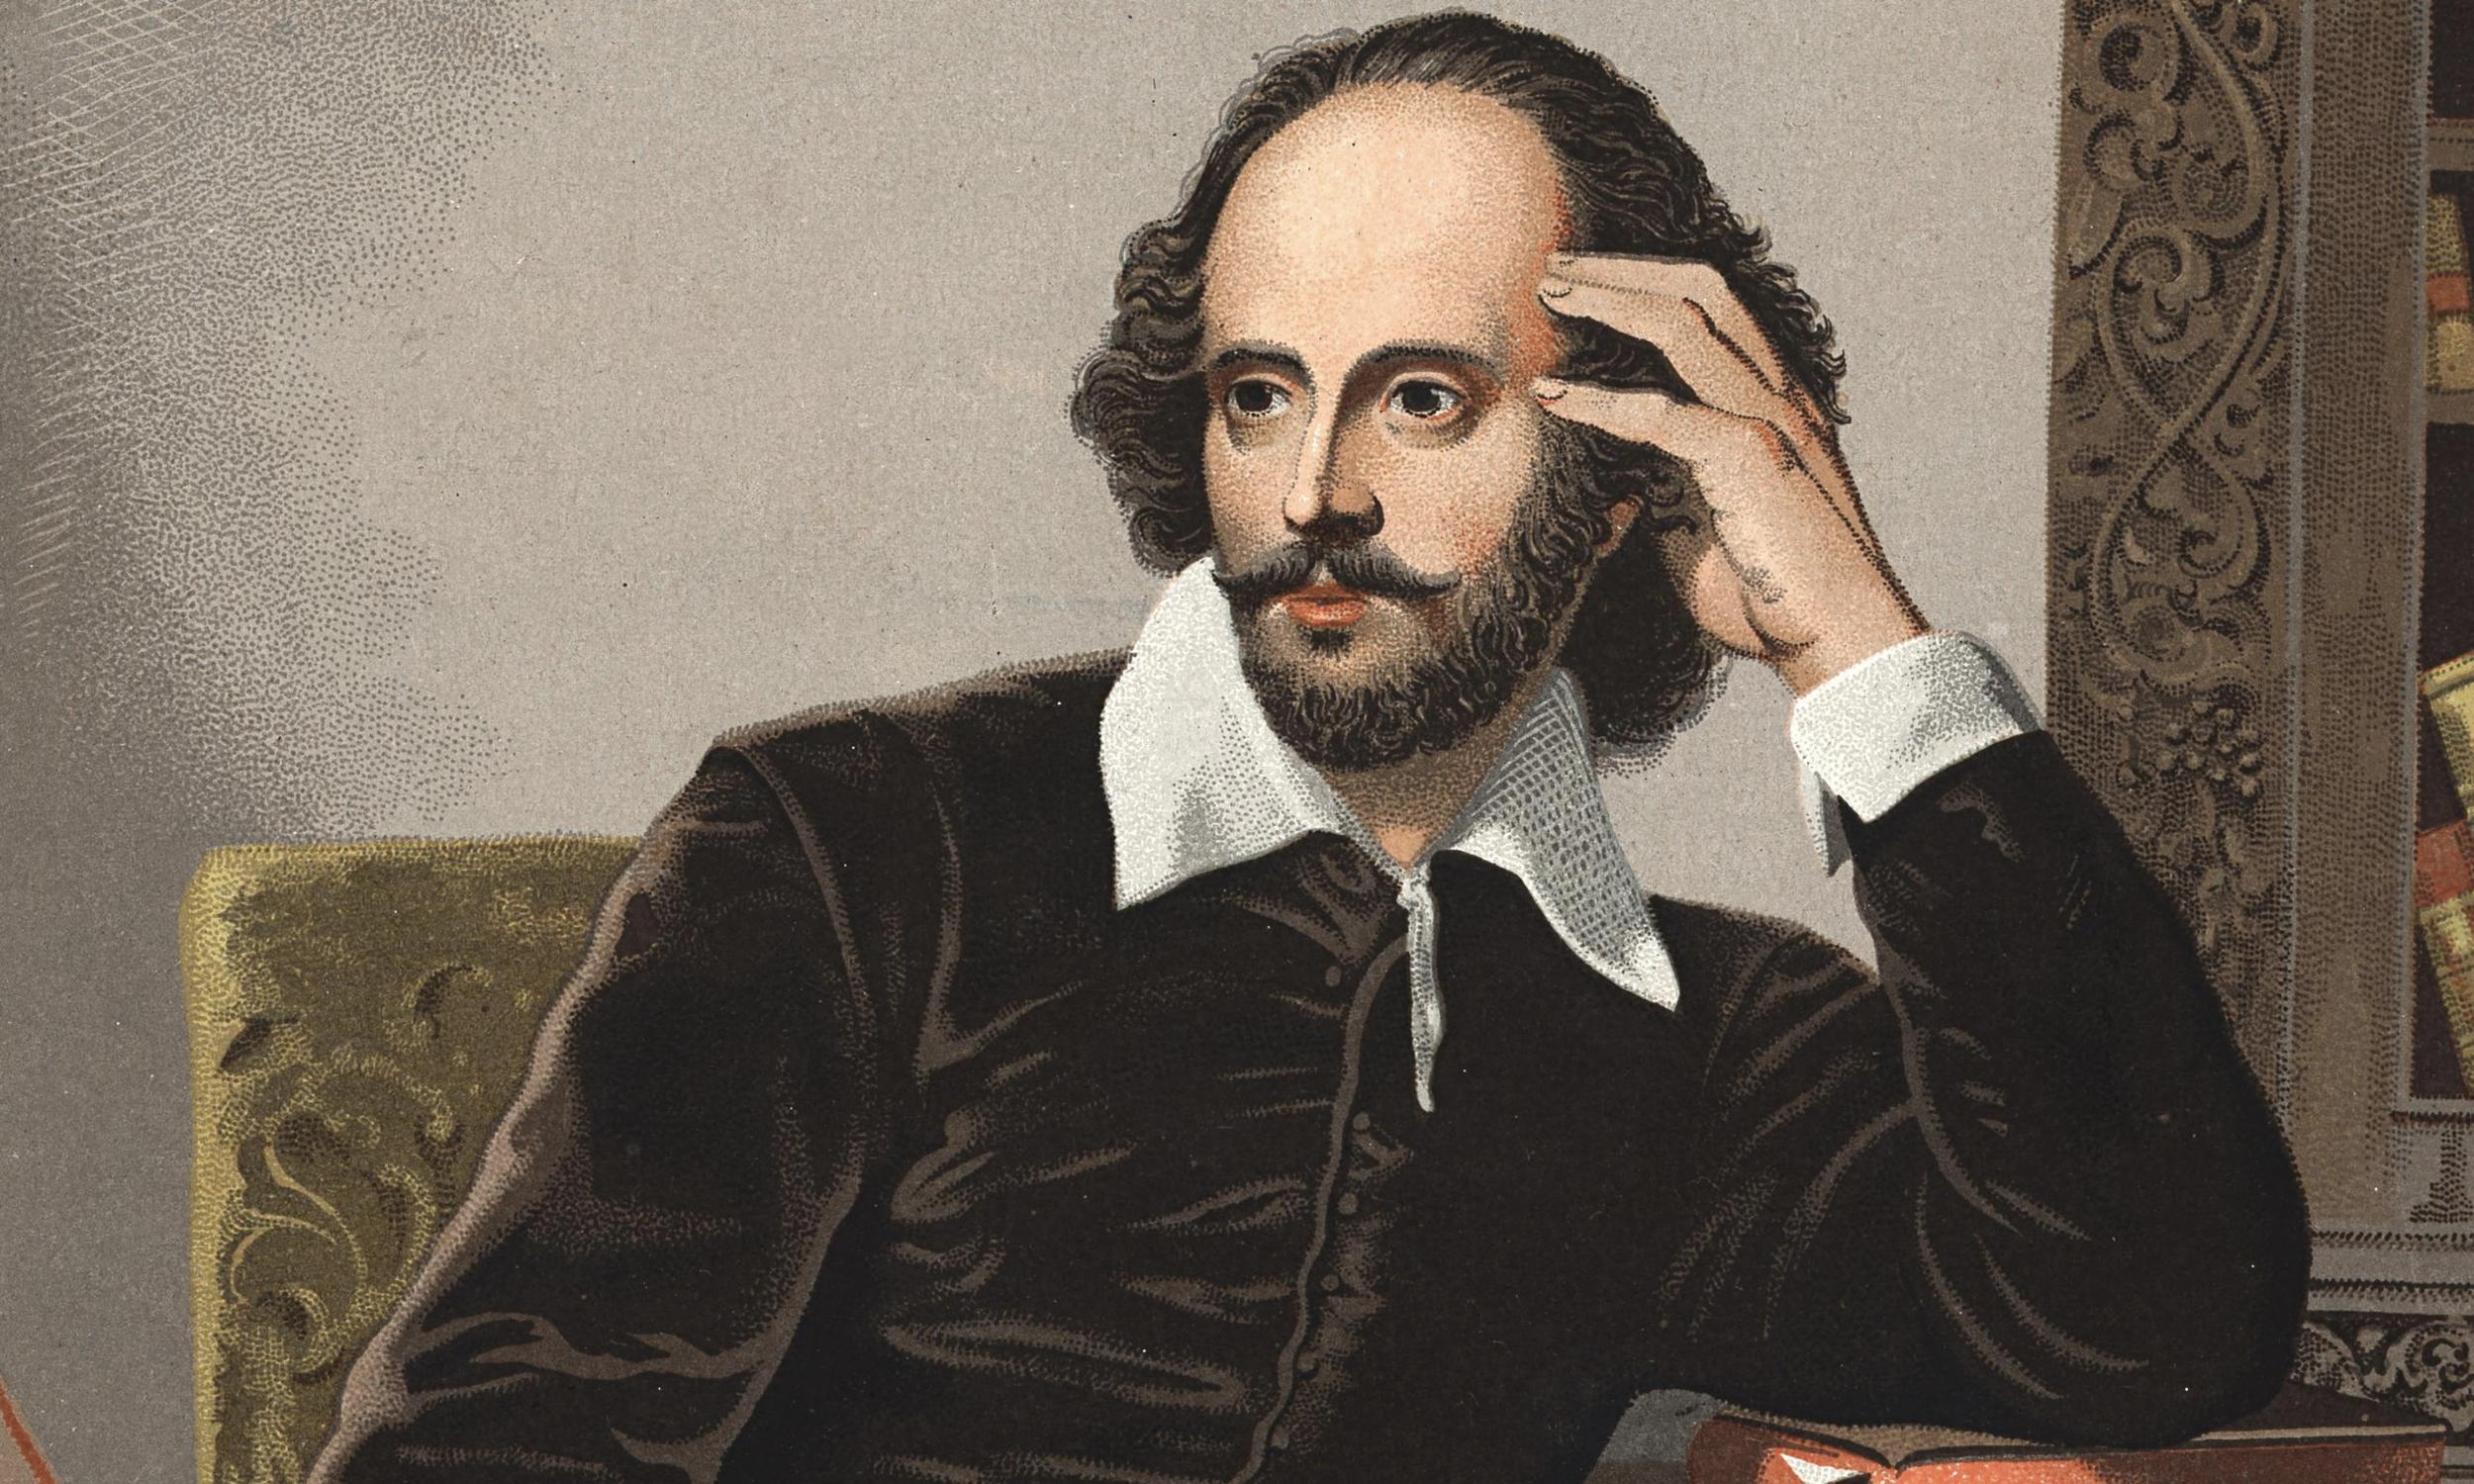 Єдиний вцілілий рукопис Шекспіра з'явився в мережі